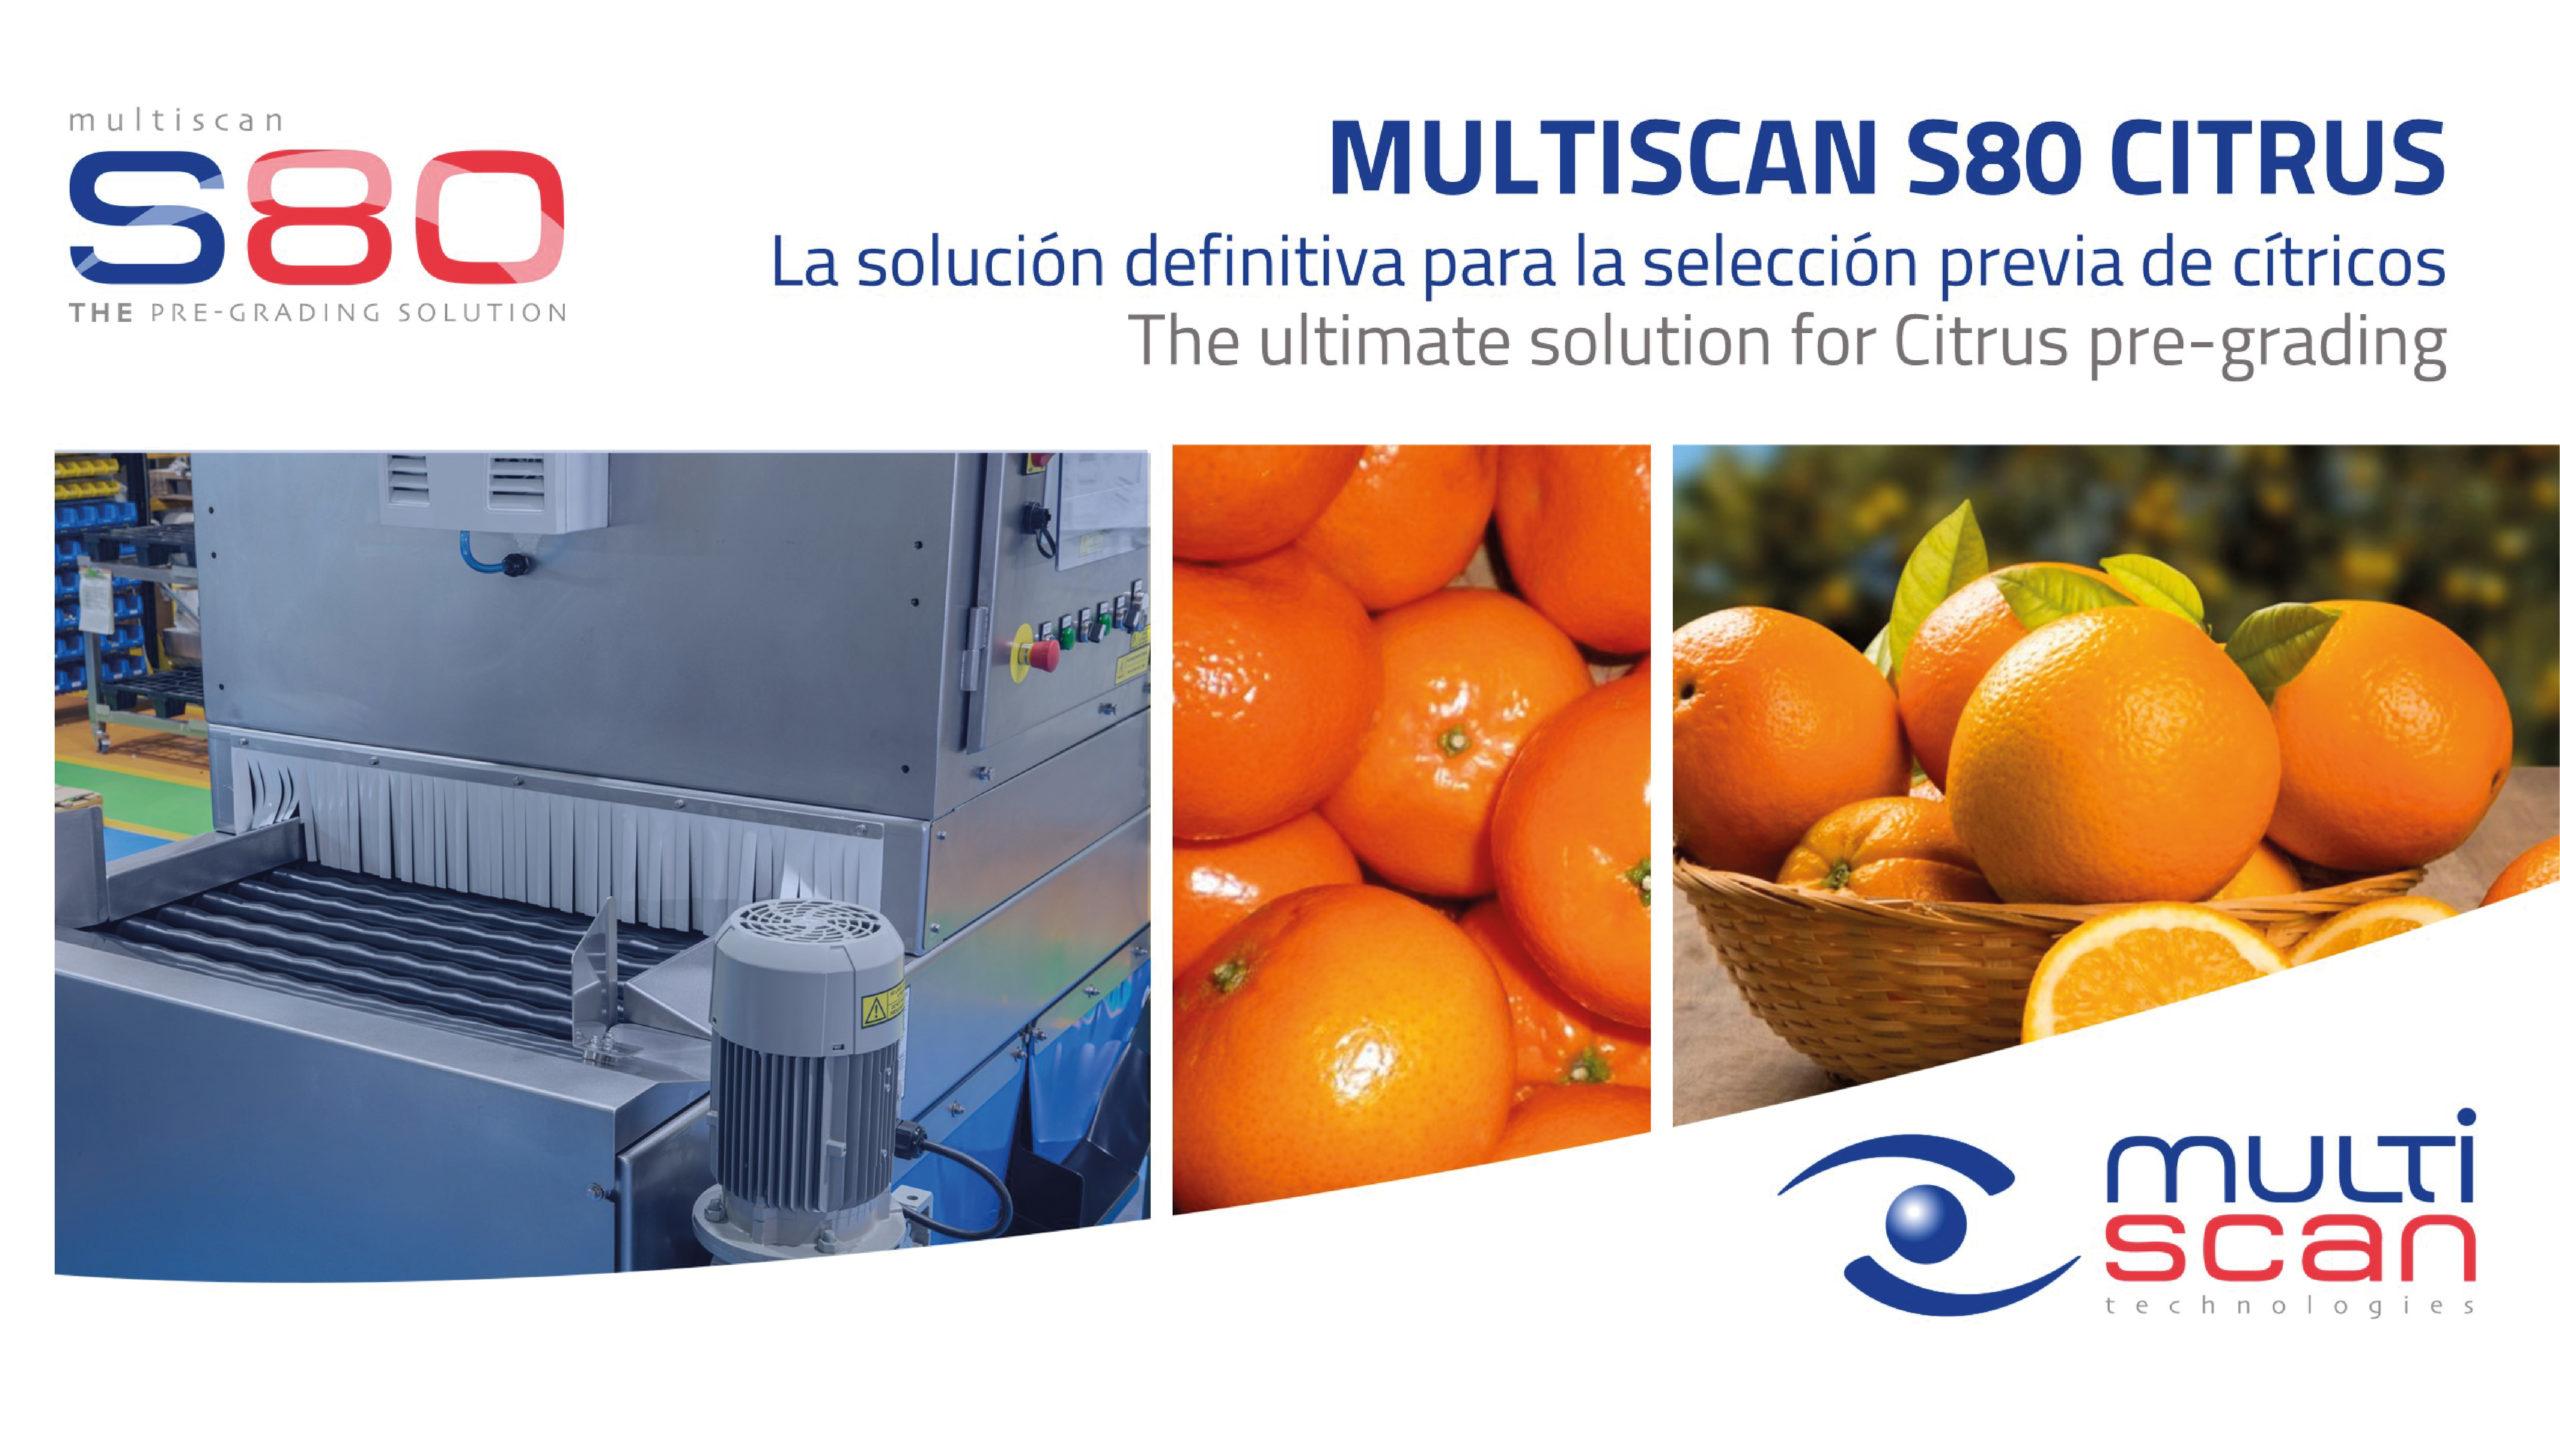 Multiscan S80 Citrus